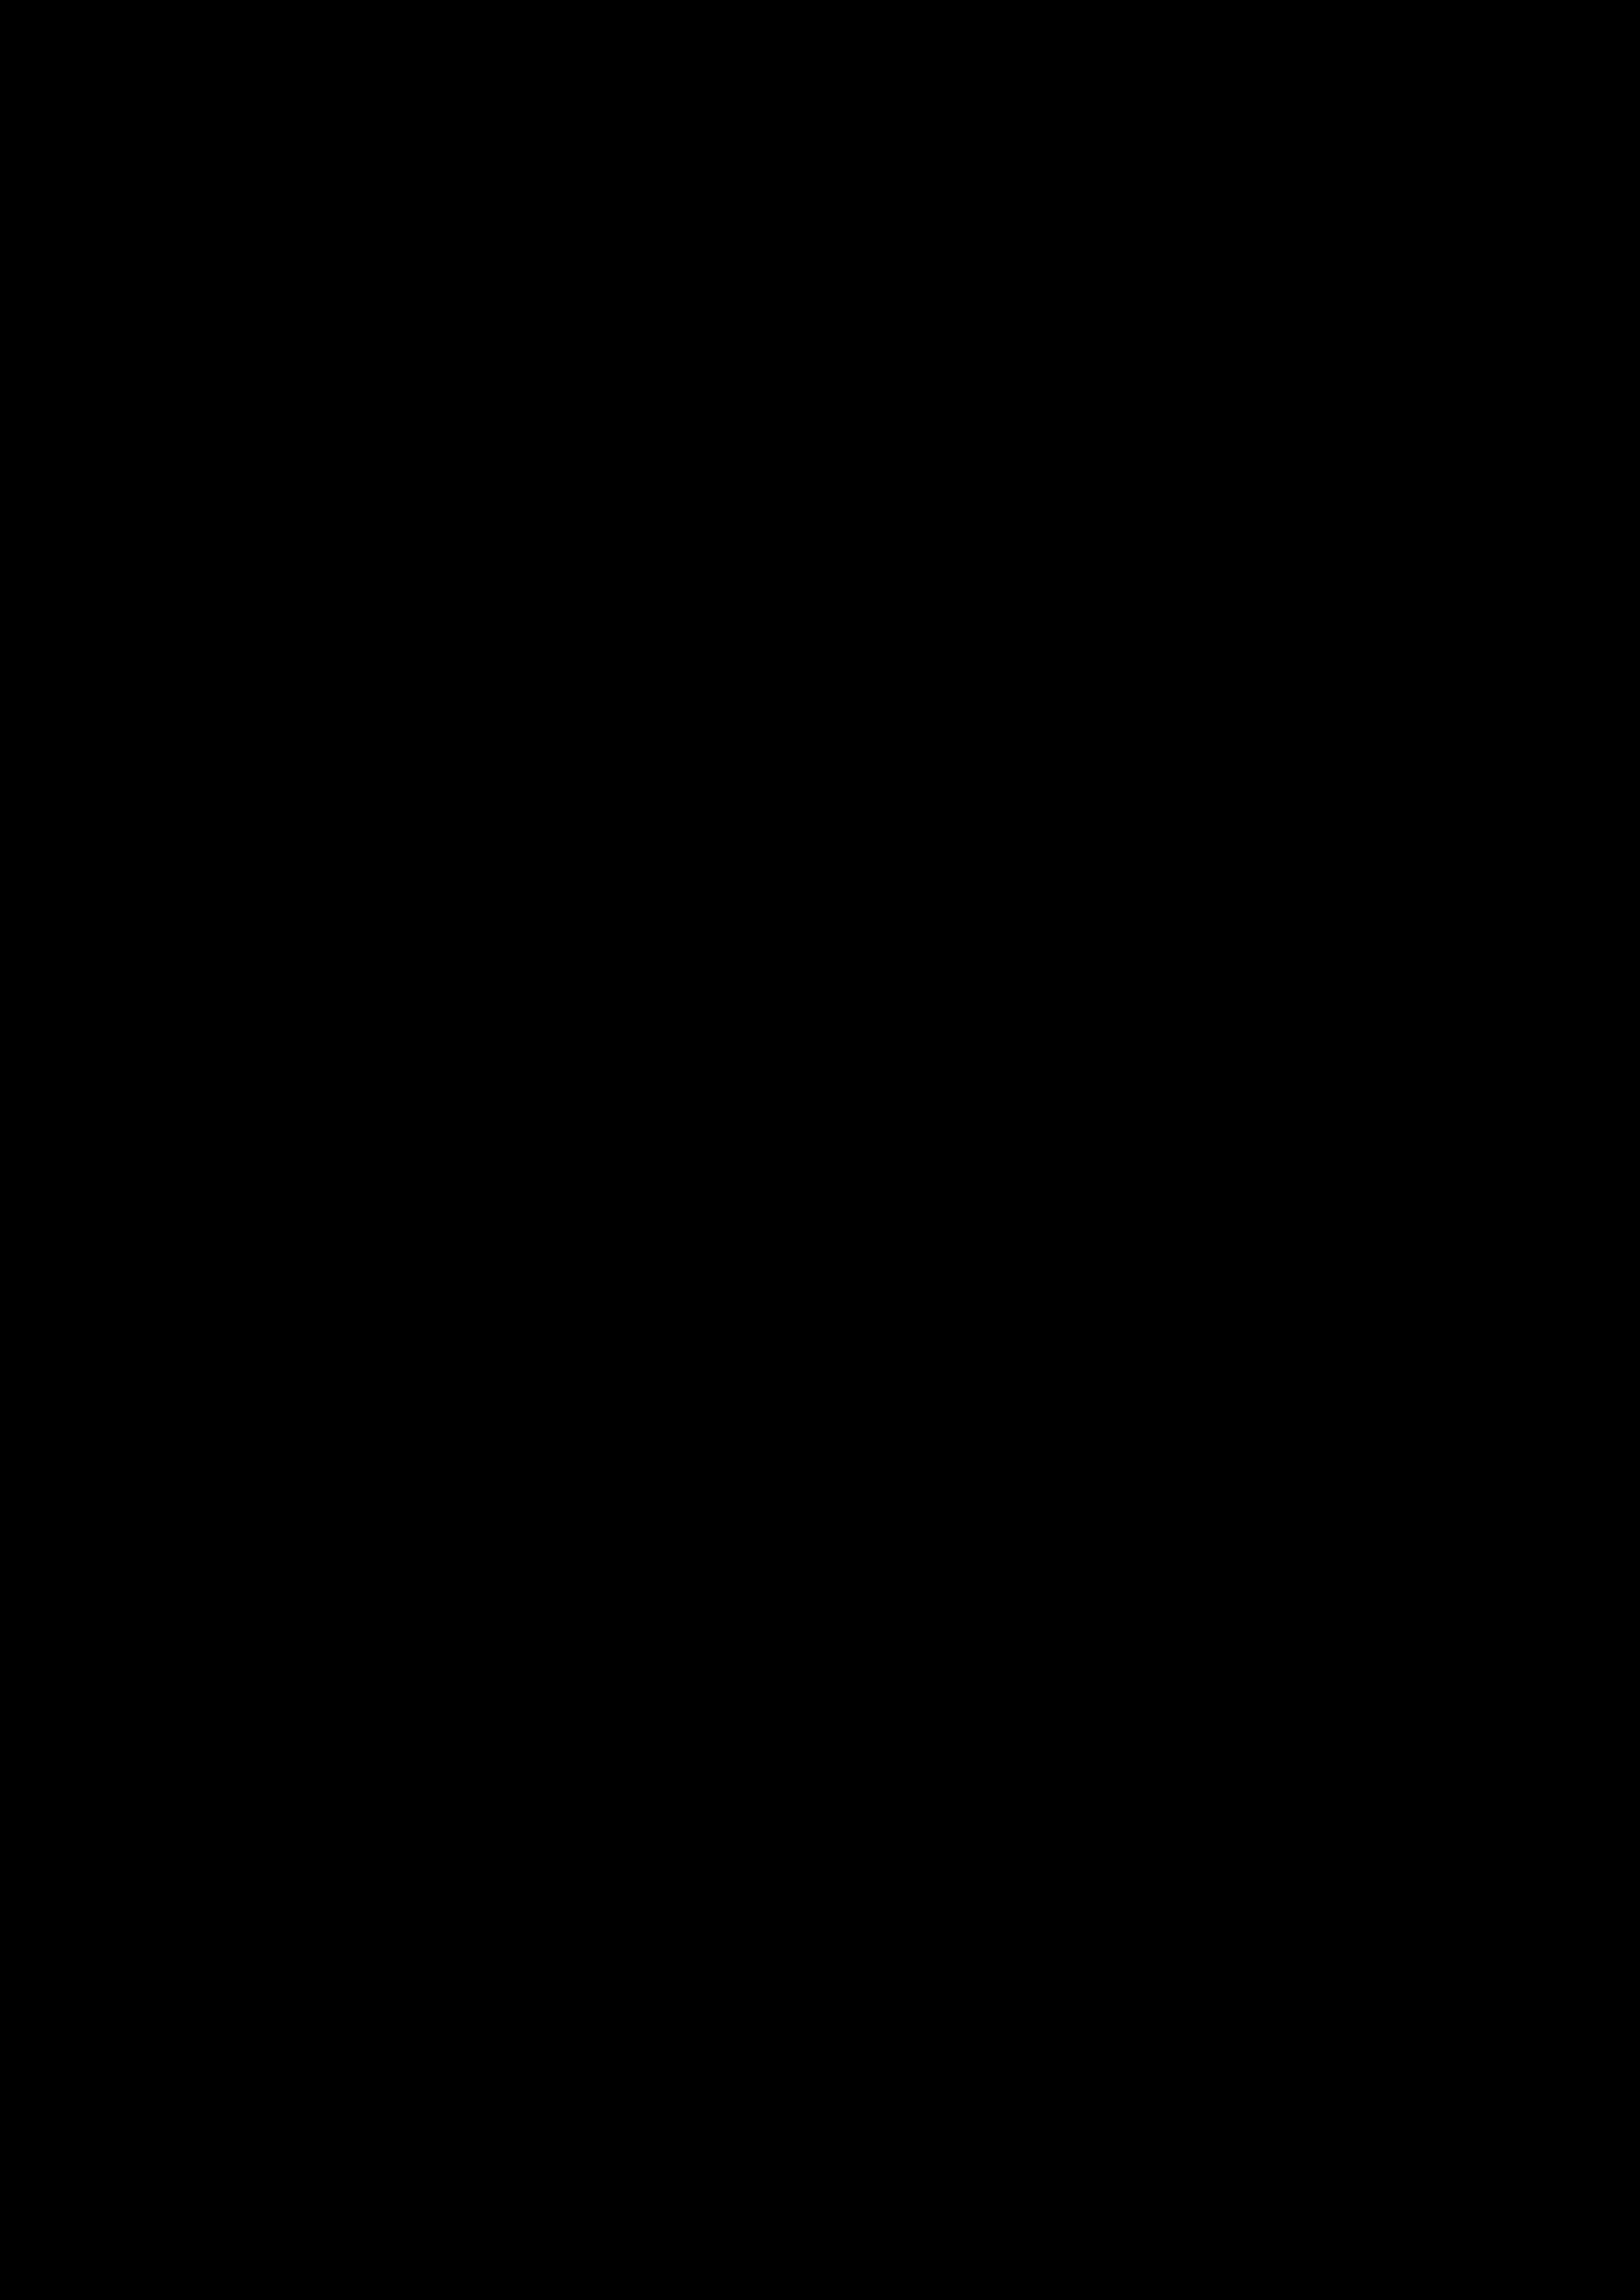 2018.10.05-moncalieri-corso-base-tvcc-001